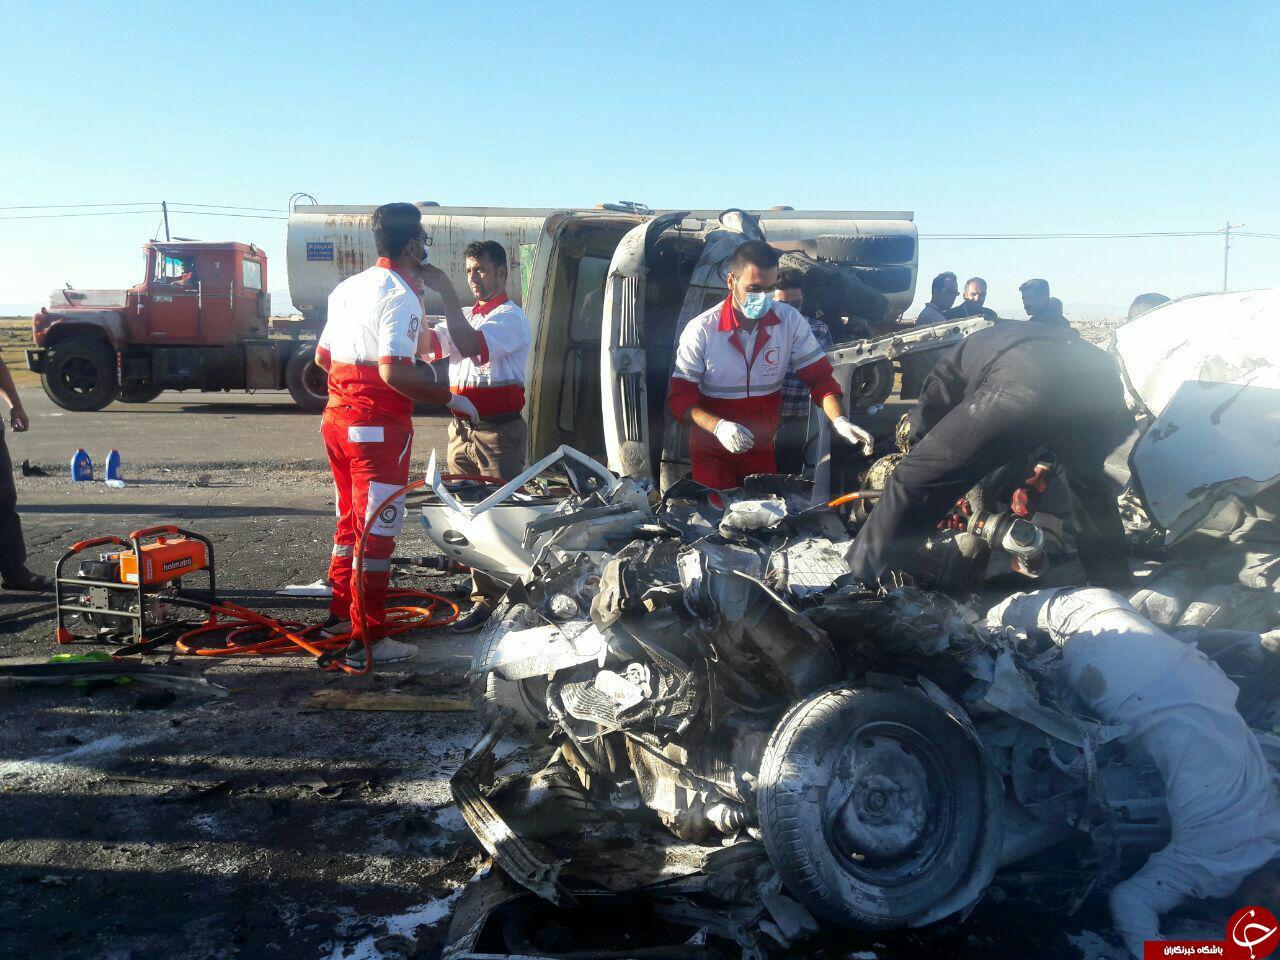 مشخصات خودرو رانا عکس تصادف مرگبار عکس تصادف حوادث تبریز تصادف وحشتناک در ایران